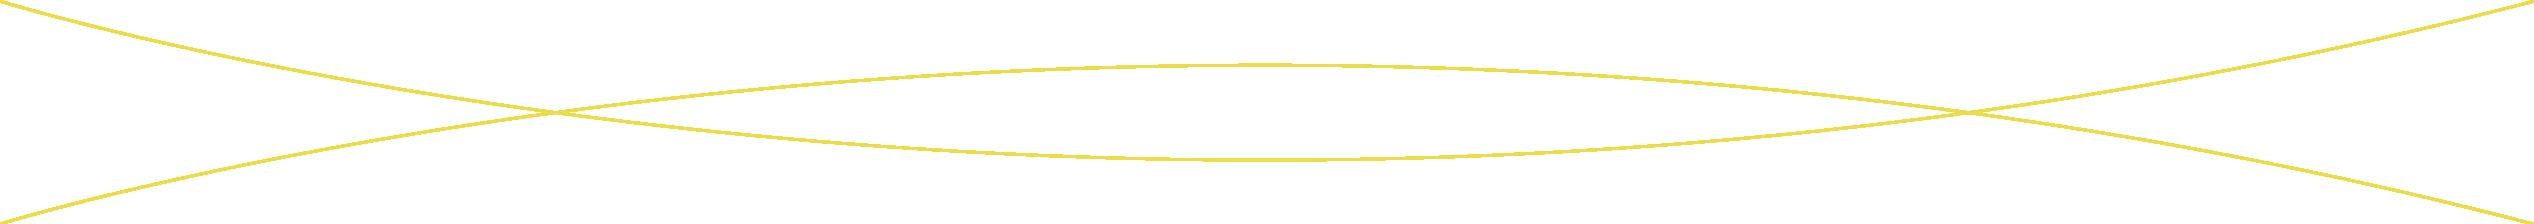 Grafik Trennelement: SUN-Sehen Und Natürlich Wahrnehmen, Sehanalyse, Sehtraining, Kontaktlinsen, Praxis Silke Lohrengel, Bollschweil